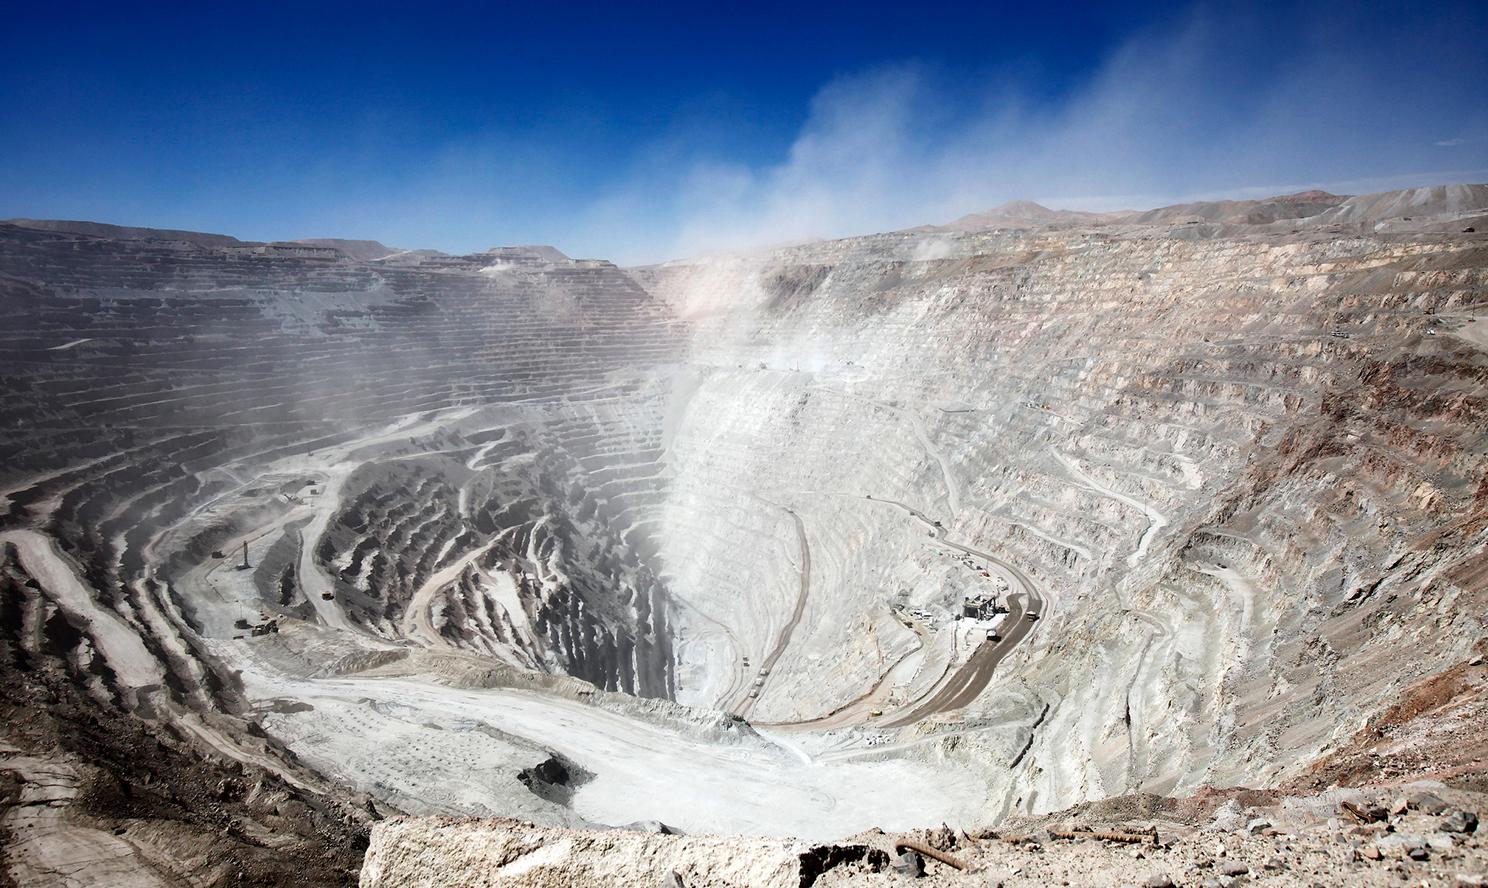 Megaminería. Foto: Codelco/CC BY-NC-ND 2.0